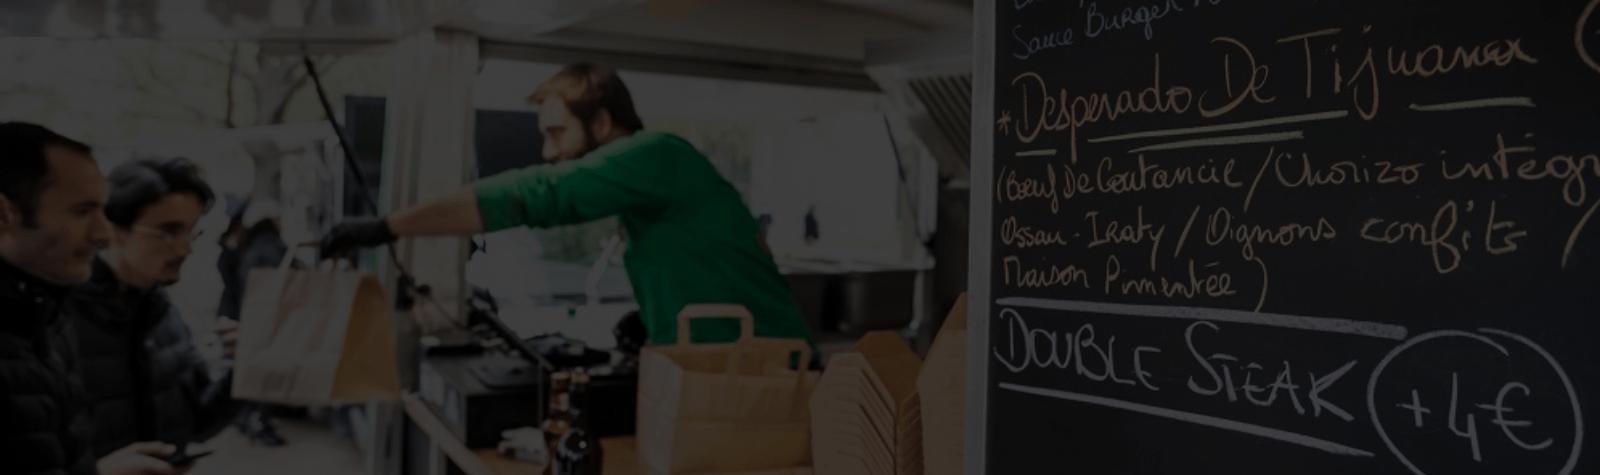 Déconfinement : les Food Trucks reviennent progressivement à Paris La Défense dès aujourd'hui